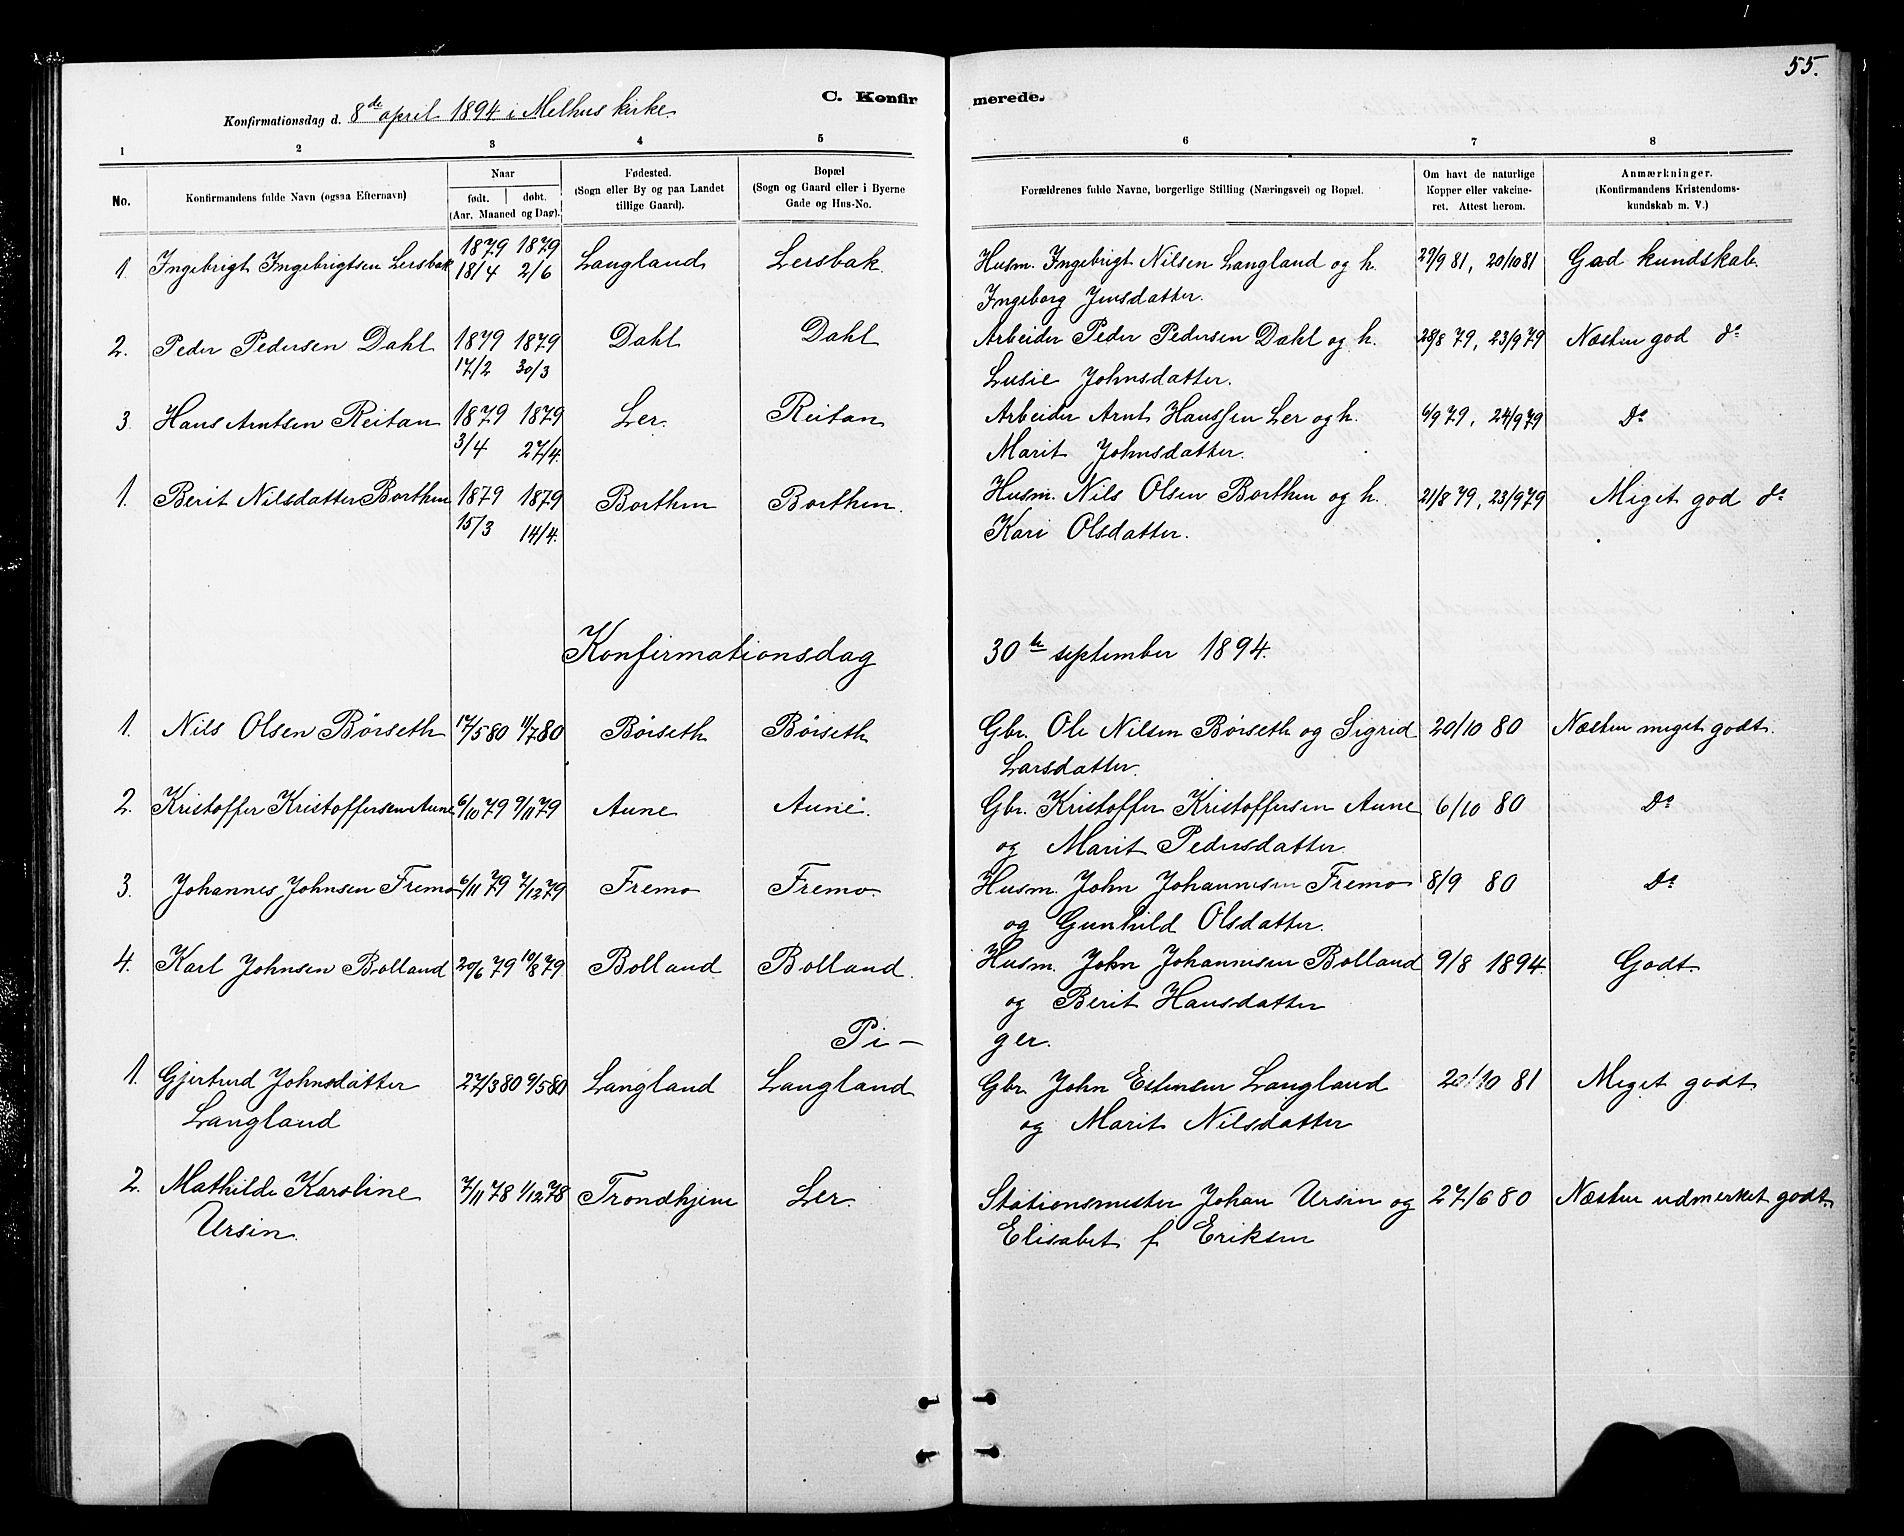 SAT, Ministerialprotokoller, klokkerbøker og fødselsregistre - Sør-Trøndelag, 693/L1123: Klokkerbok nr. 693C04, 1887-1910, s. 55